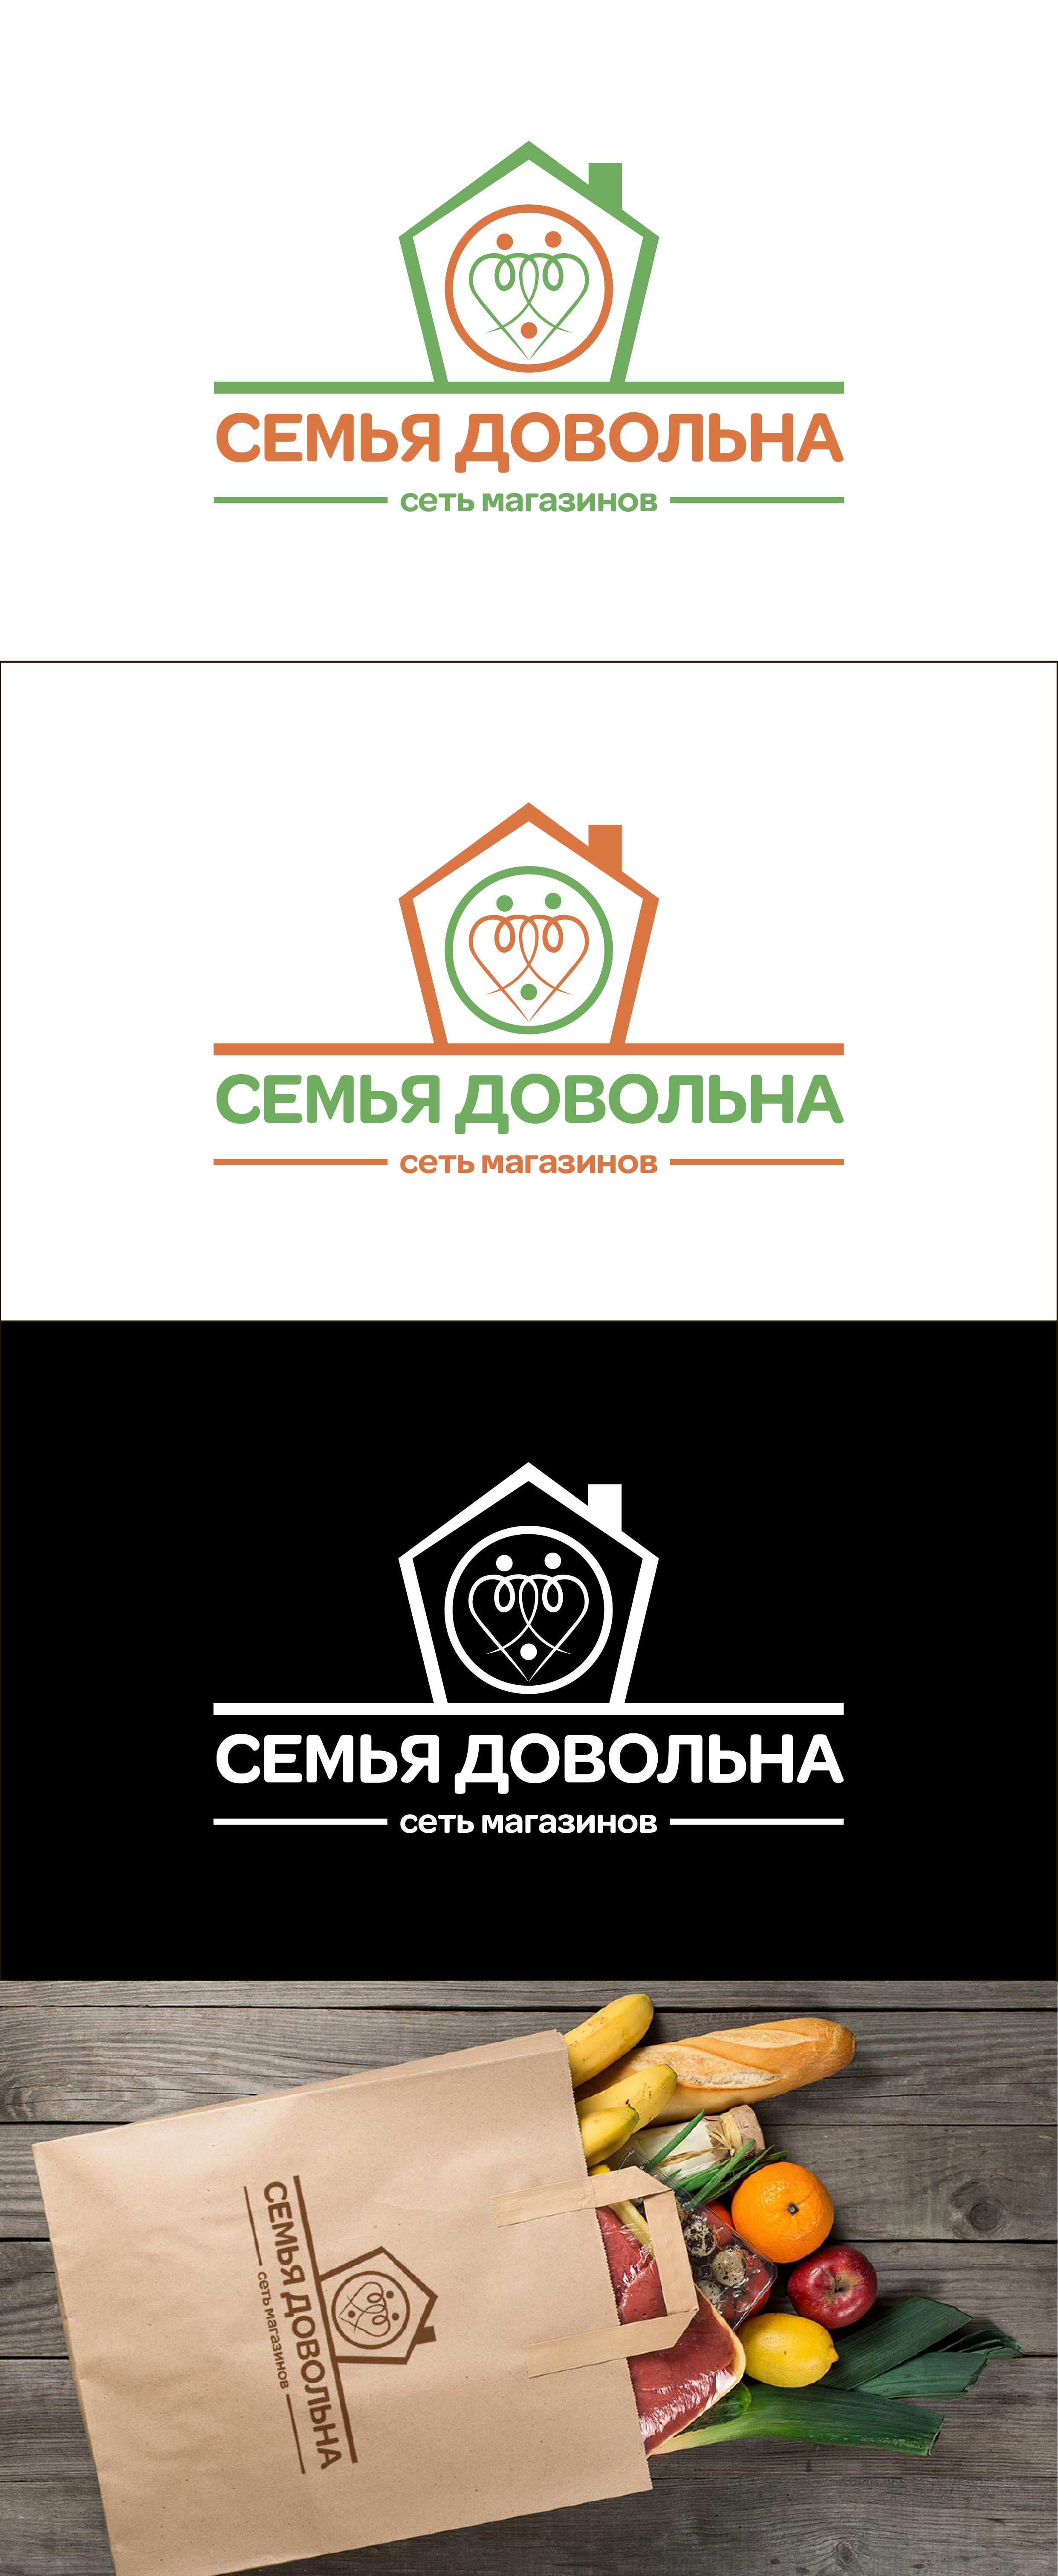 """Разработайте логотип для торговой марки """"Семья довольна"""" фото f_7115b9a889873fe4.jpg"""